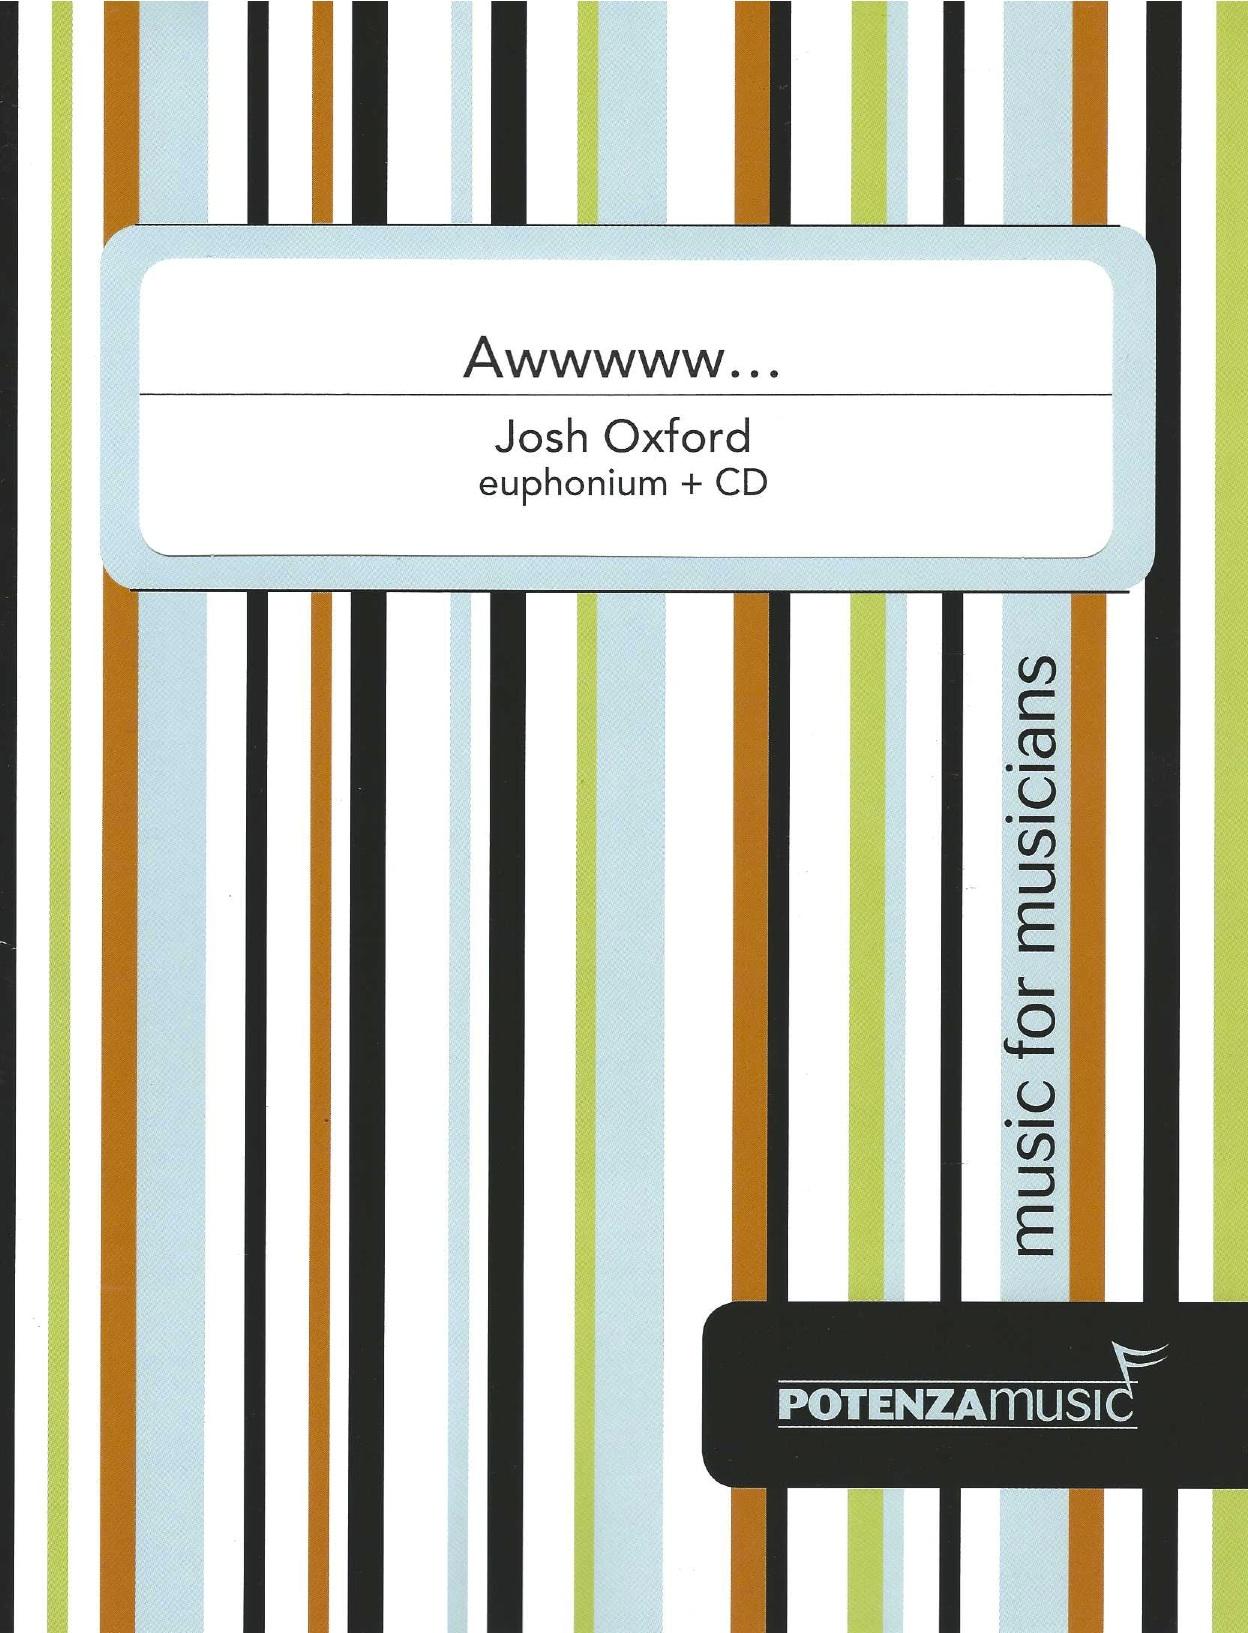 Awwwww... - Josh Oxford - Euphonium and CD